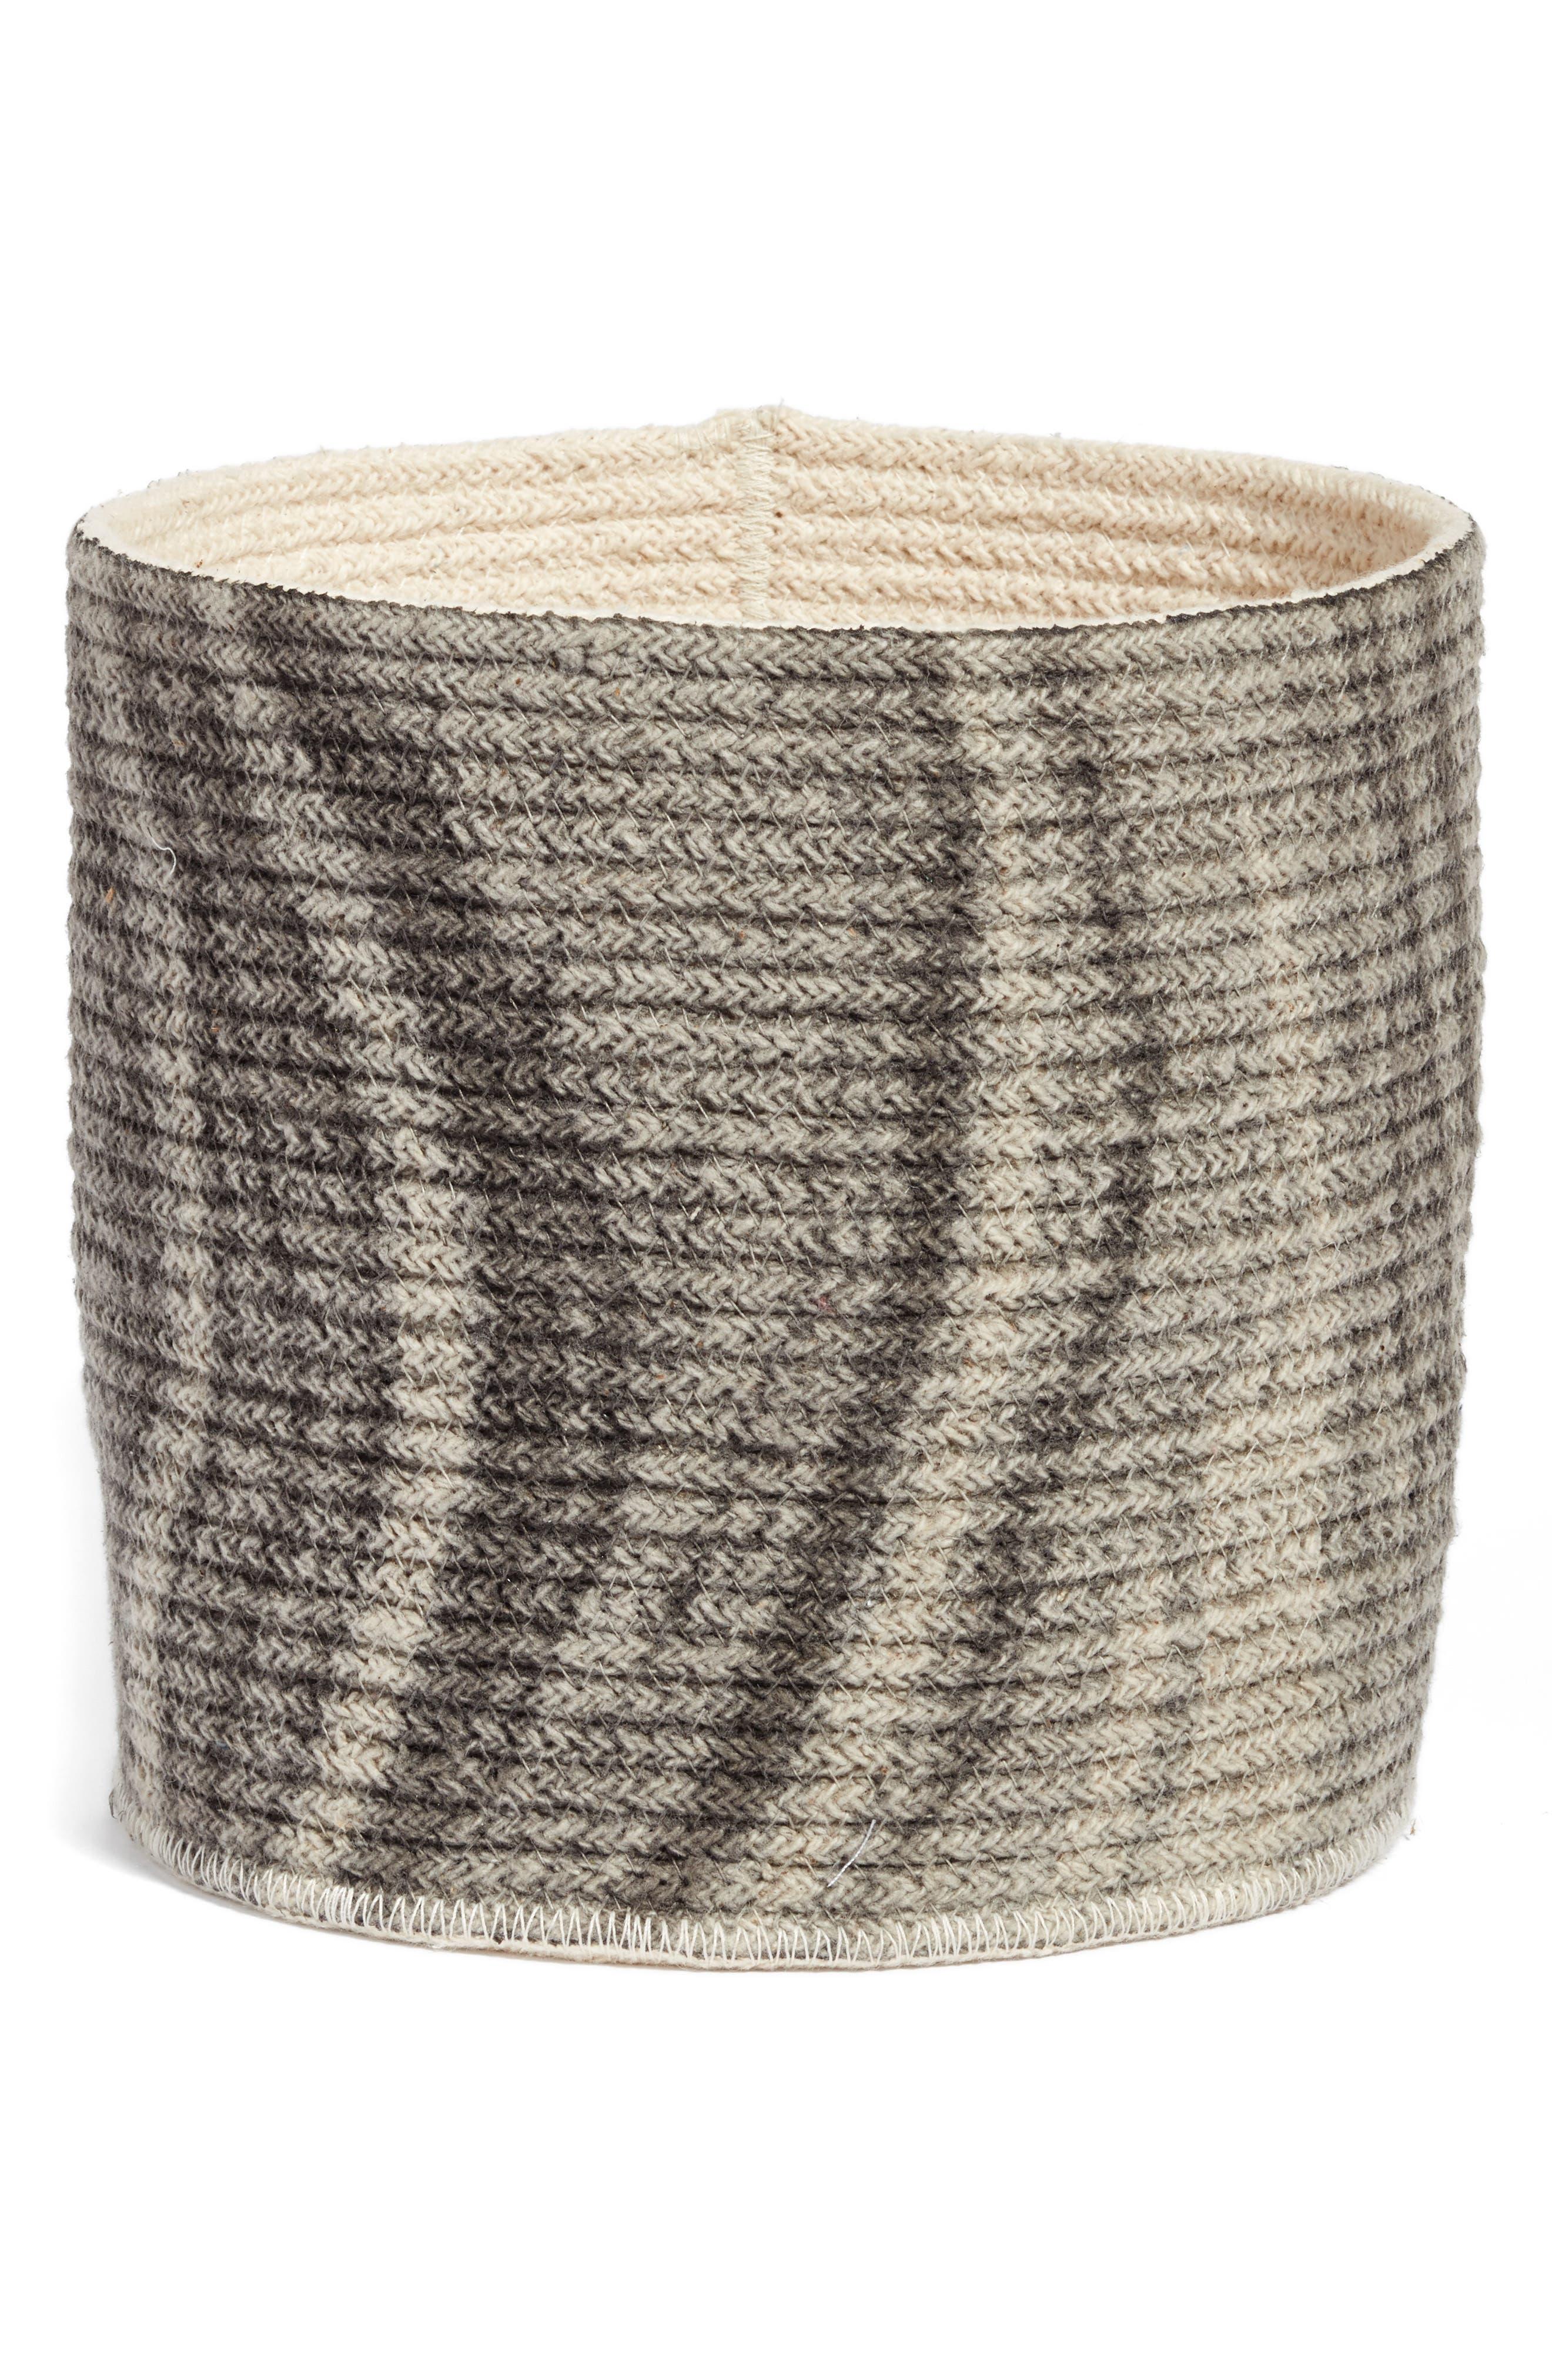 Oceana Woven Basket,                             Main thumbnail 1, color,                             020